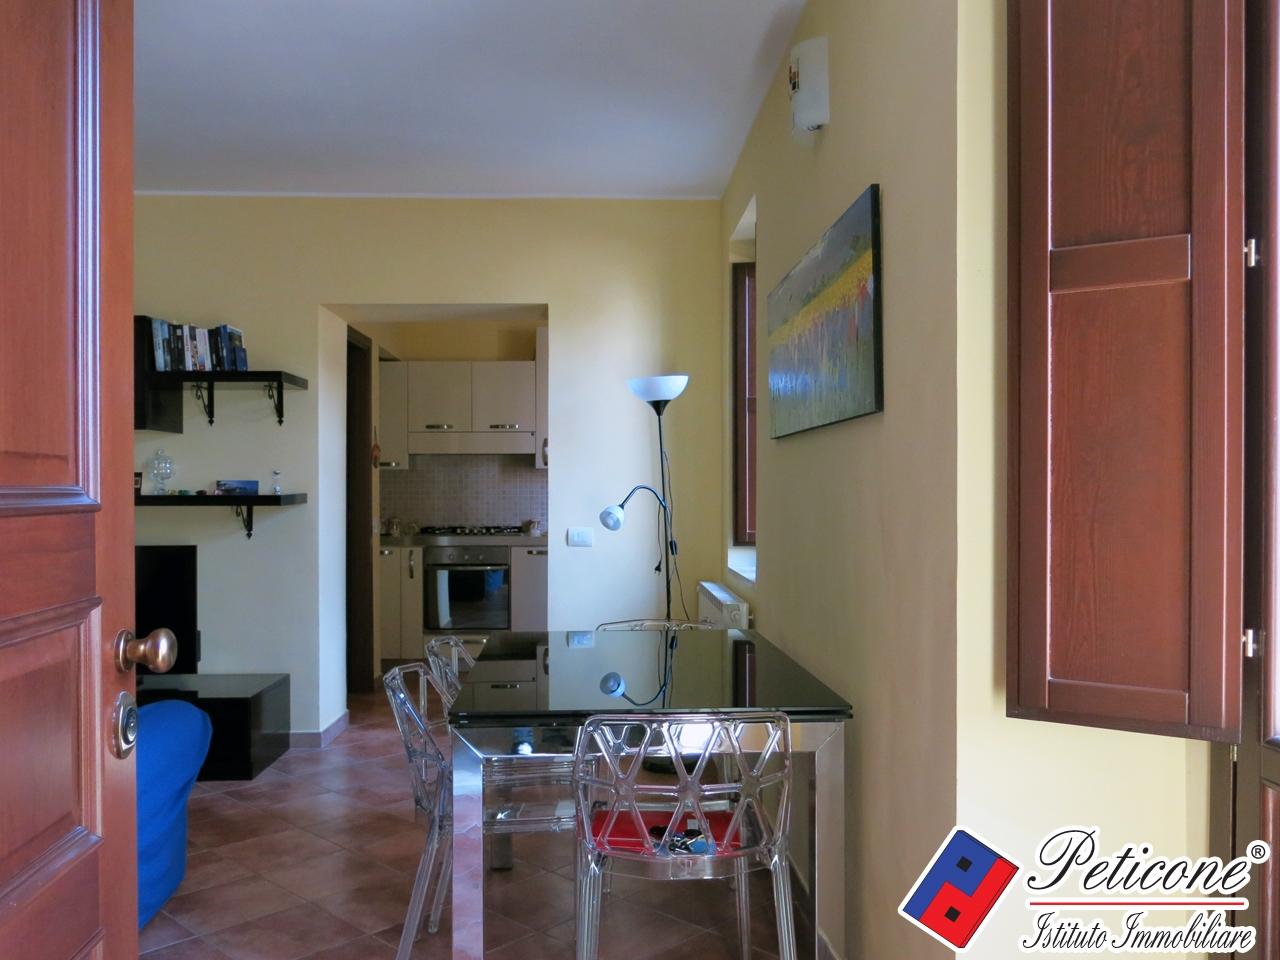 Appartamento in vendita a Fondi, 4 locali, zona Località: Centrostorico, prezzo € 220.000   CambioCasa.it